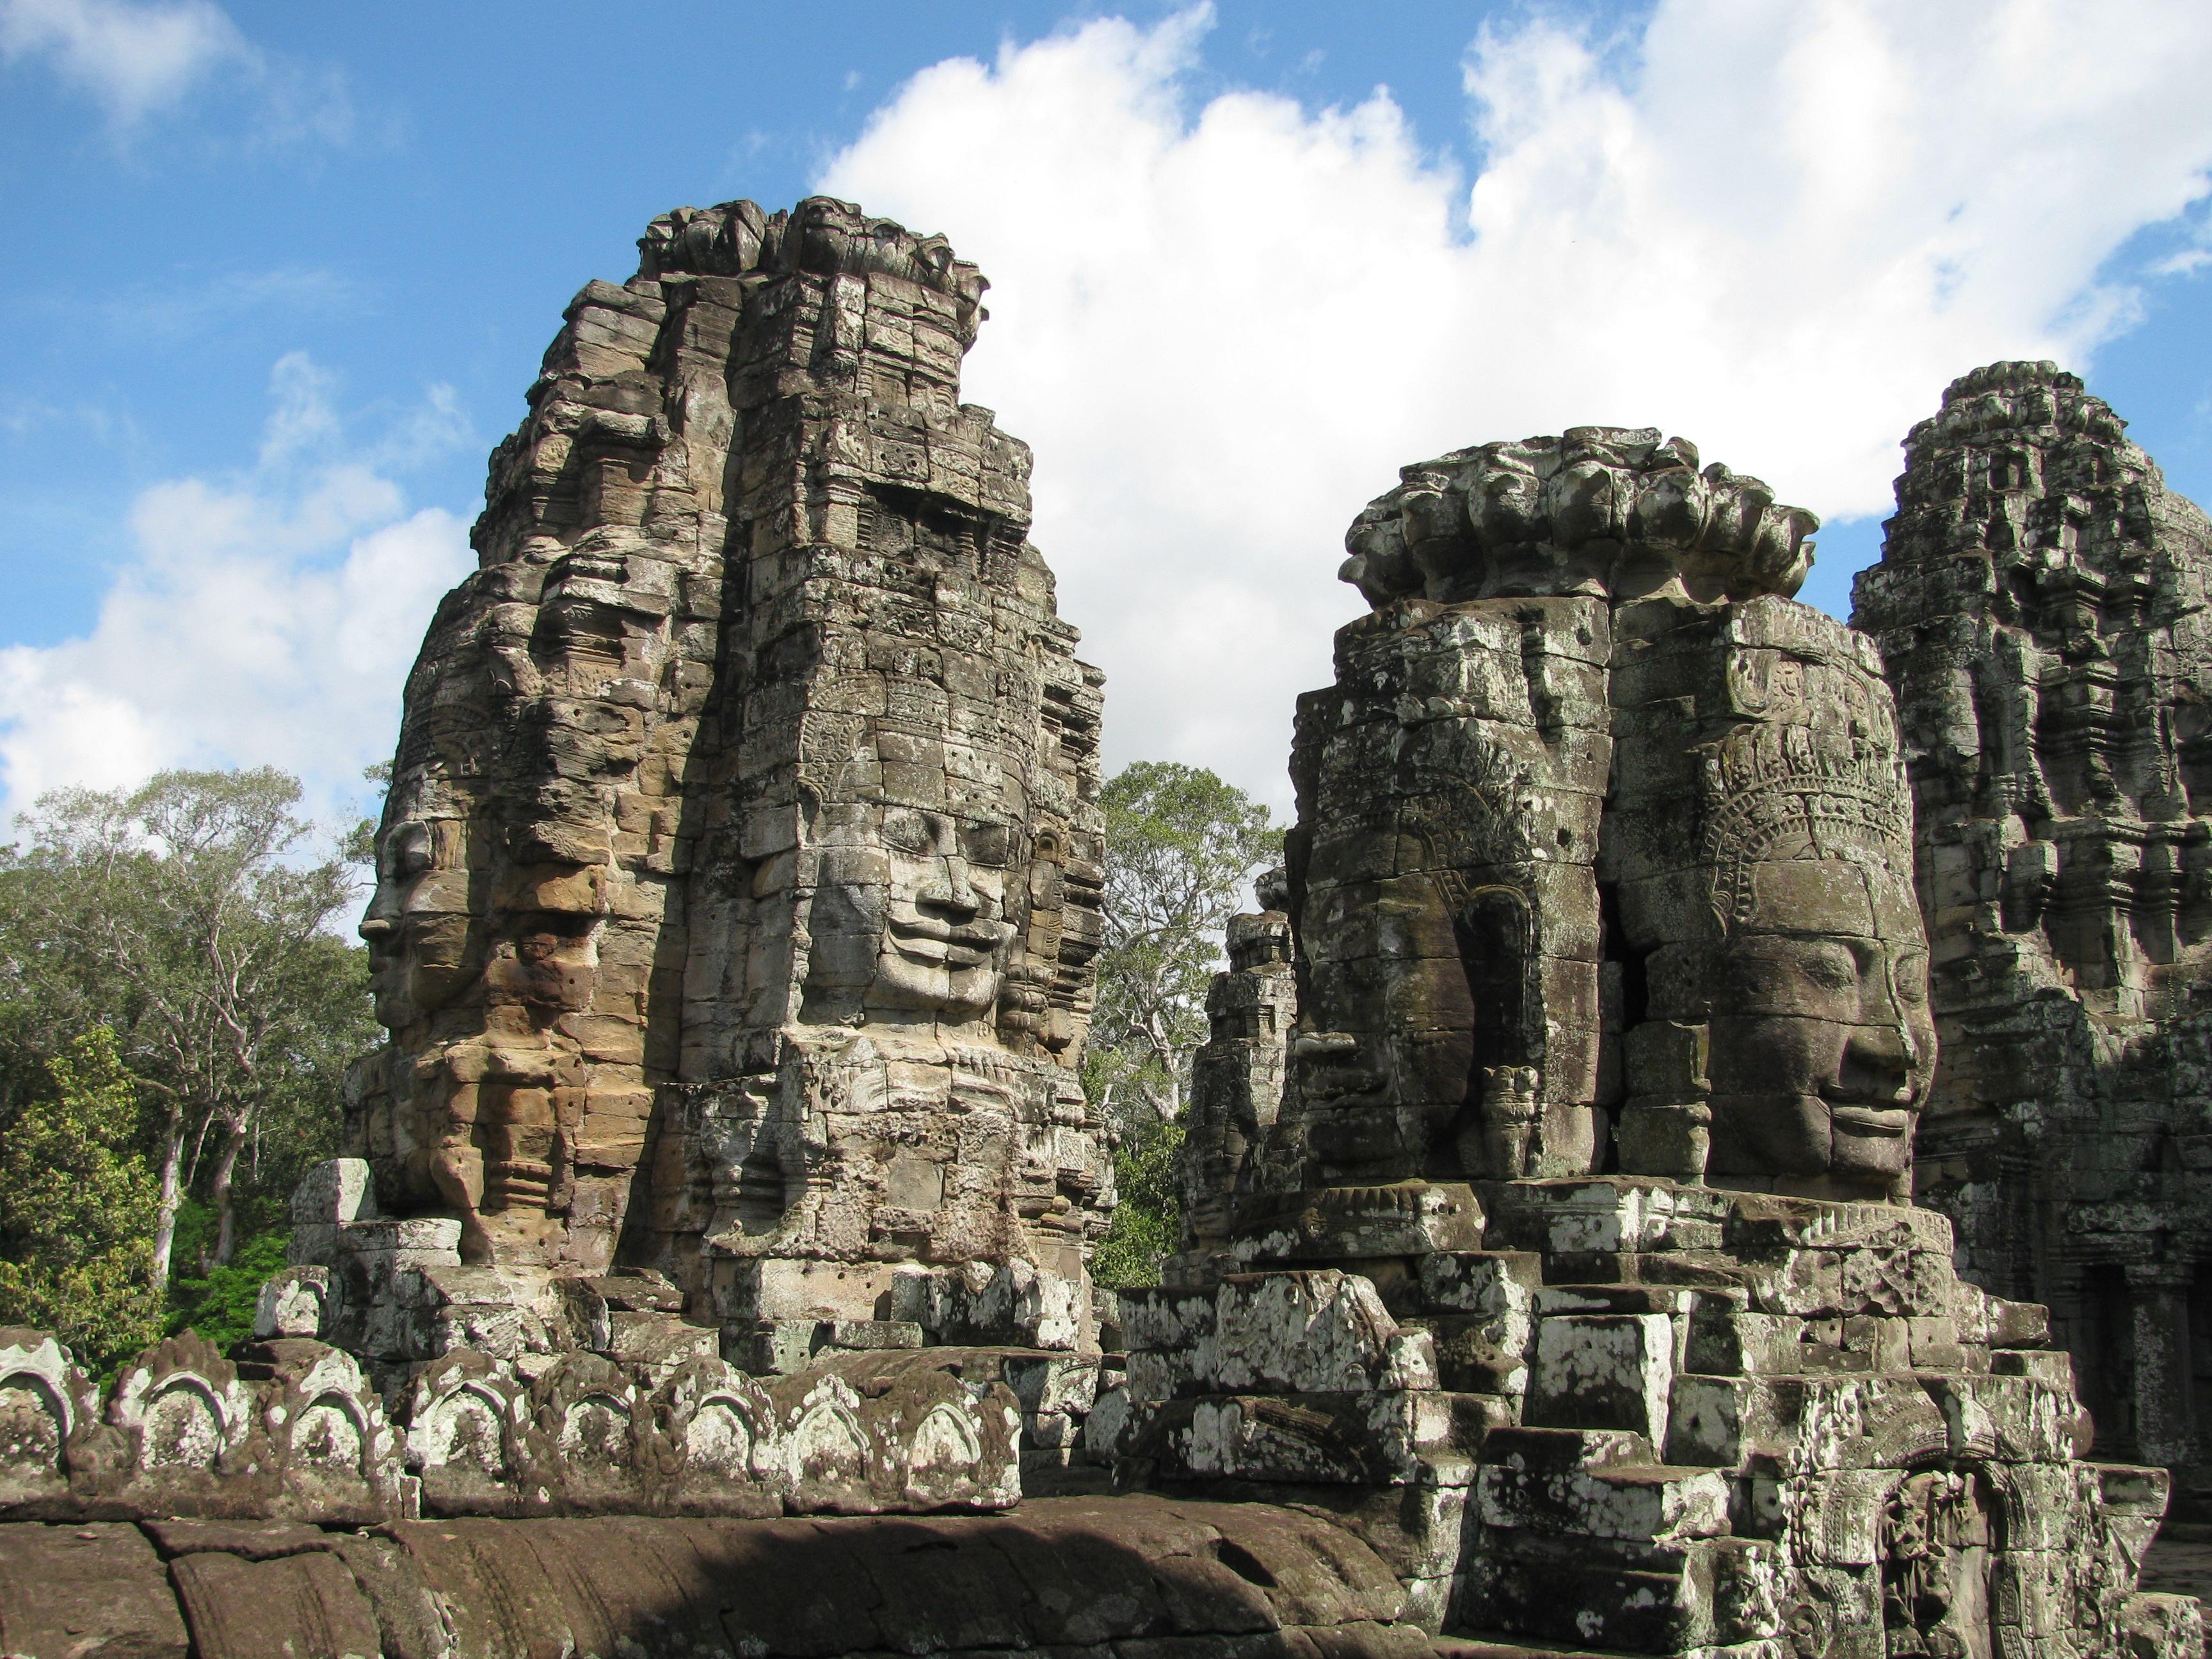 Cambodia - Angkor Wat 3 by solarka-stock